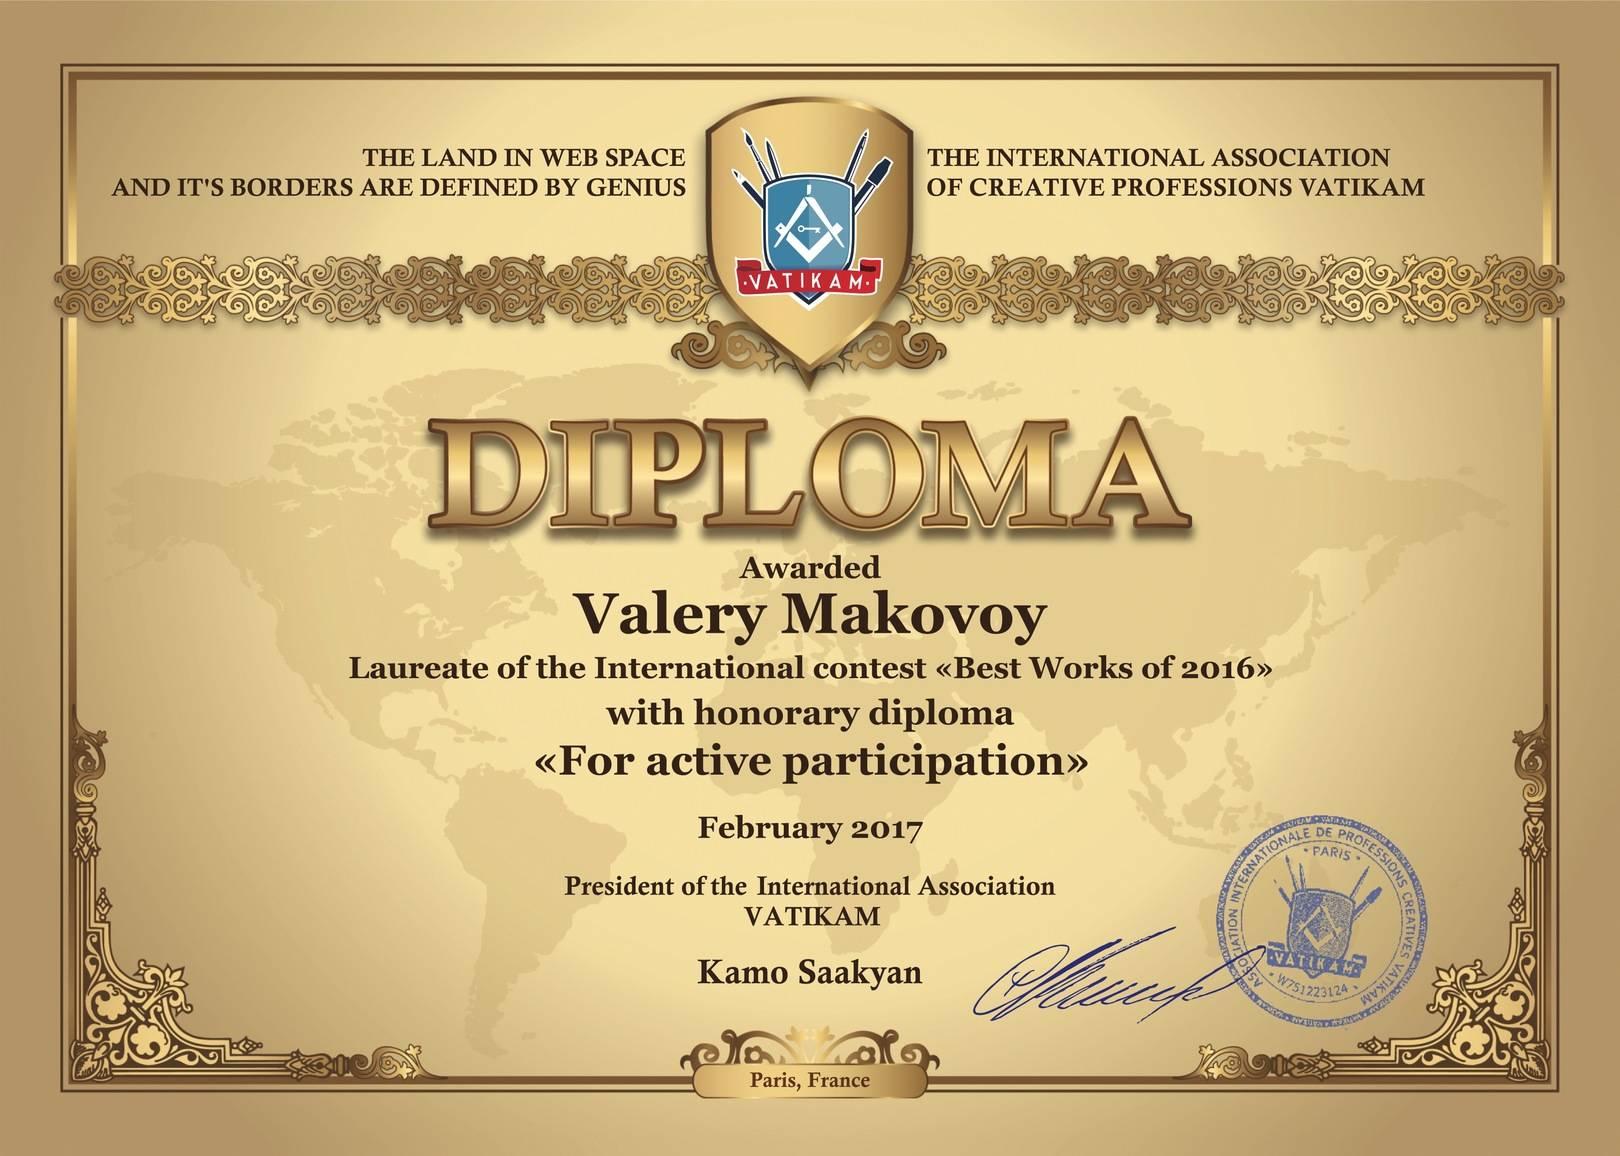 Благодарен  решению Президента Международной Ассоциации VATIKAM разместить портфолио в раздел ,,Избранное,, и вручению  почетного  диплома!